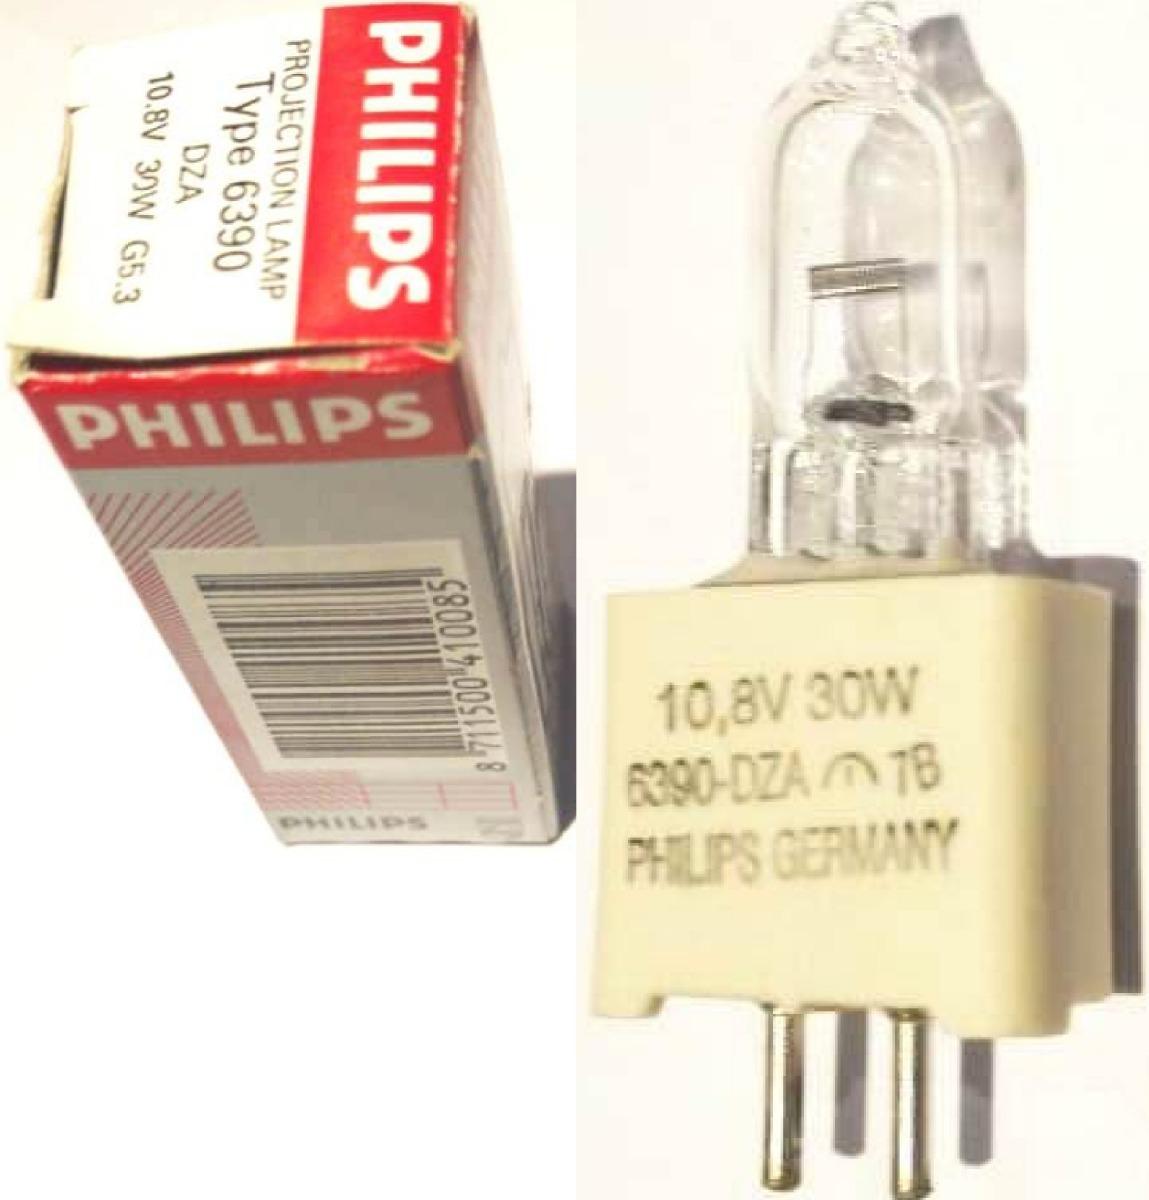 Bipin 6390 Philips Lampara 10 30w Dza G5 8v 3 uF1J3cT5lK